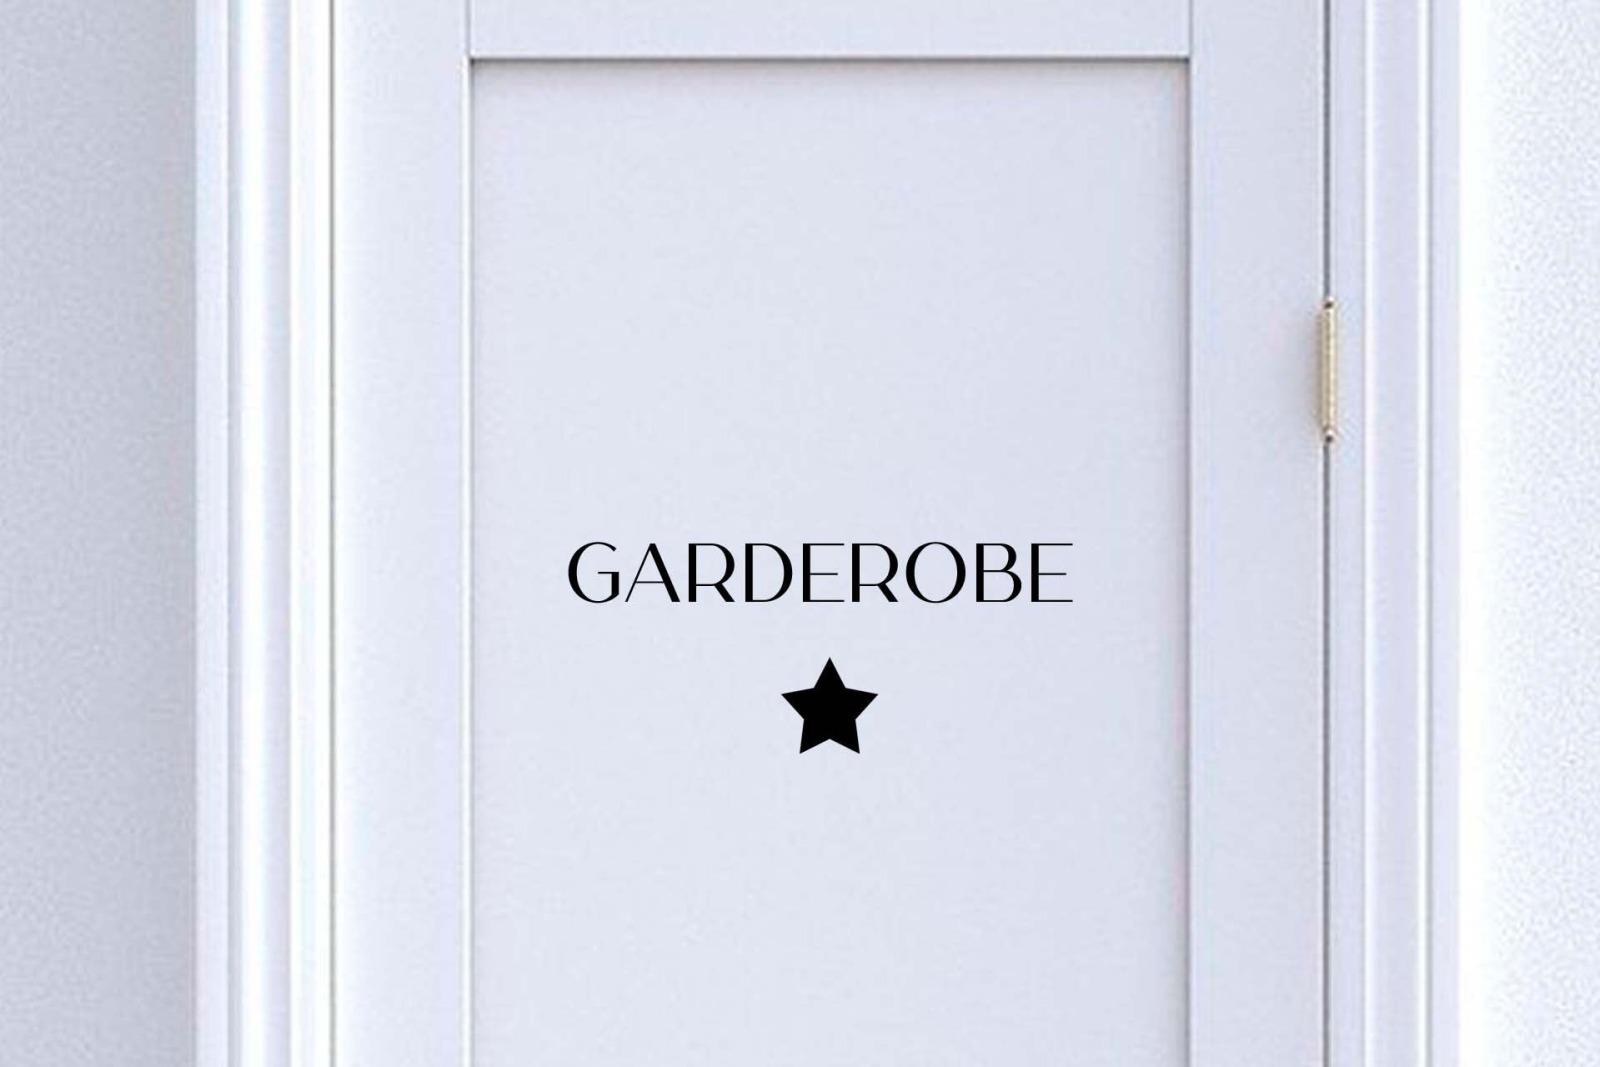 Türschild Garderobe mit Symbol: Herz Blatt